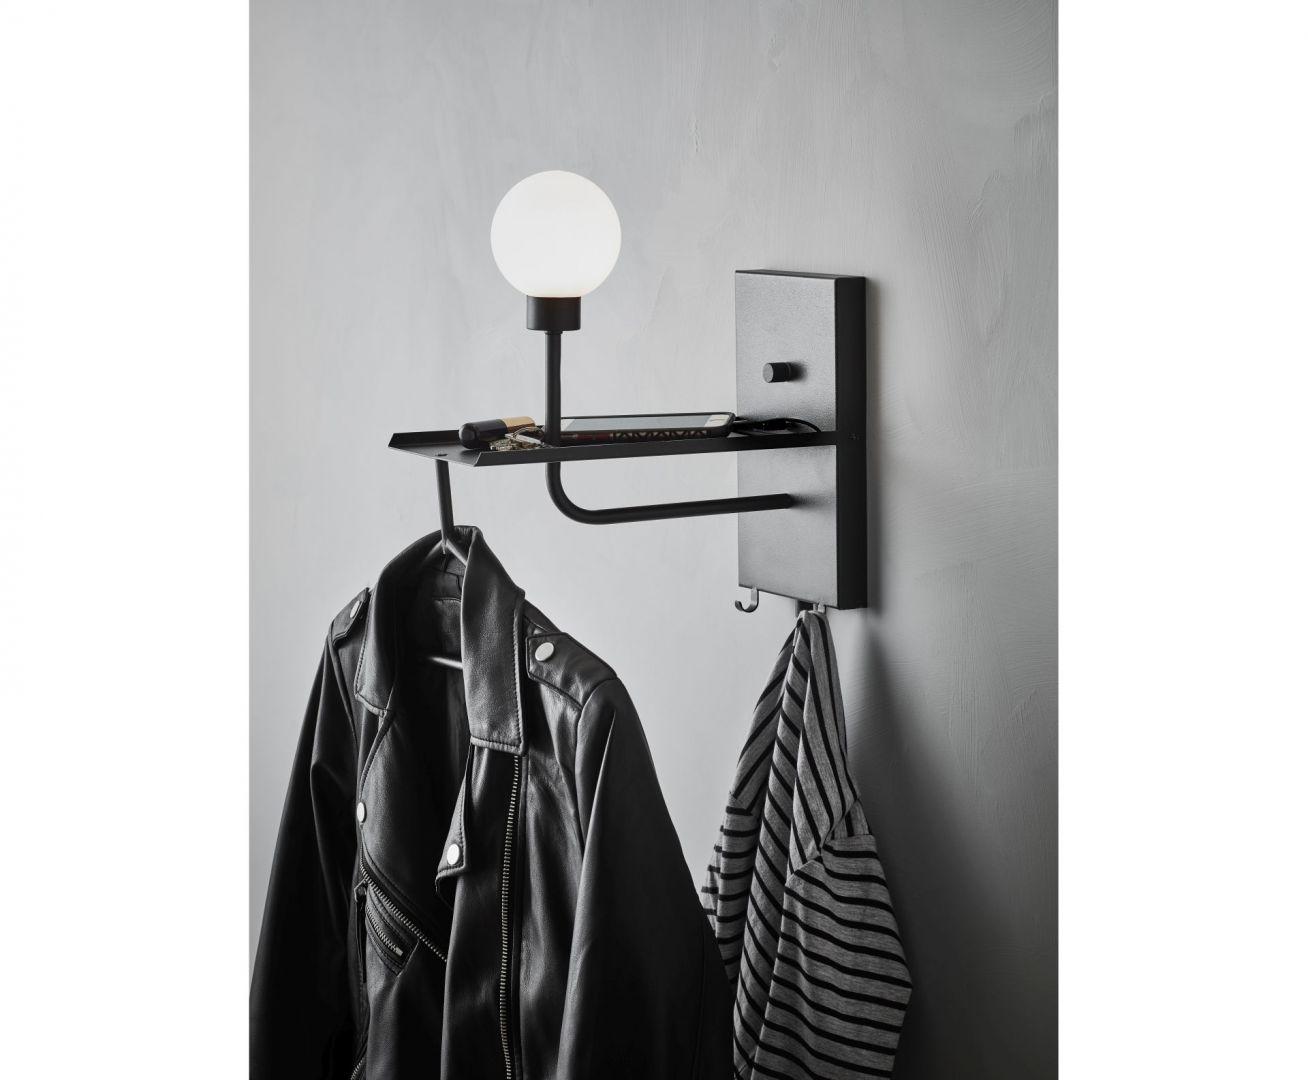 Idealna do przedpokoju, wielofunkcyjna lampa Carson (prod. Markslojd) pomoże wydzielić strefę wejściową w mniejszych mieszkaniach i kawalerkach. Została wyposażona w trzy praktyczne wieszaki na ubrania, półkę na drobiazgi, a także port USB. Natężenie światła można dowolnie regulować. Fot. Markslojd